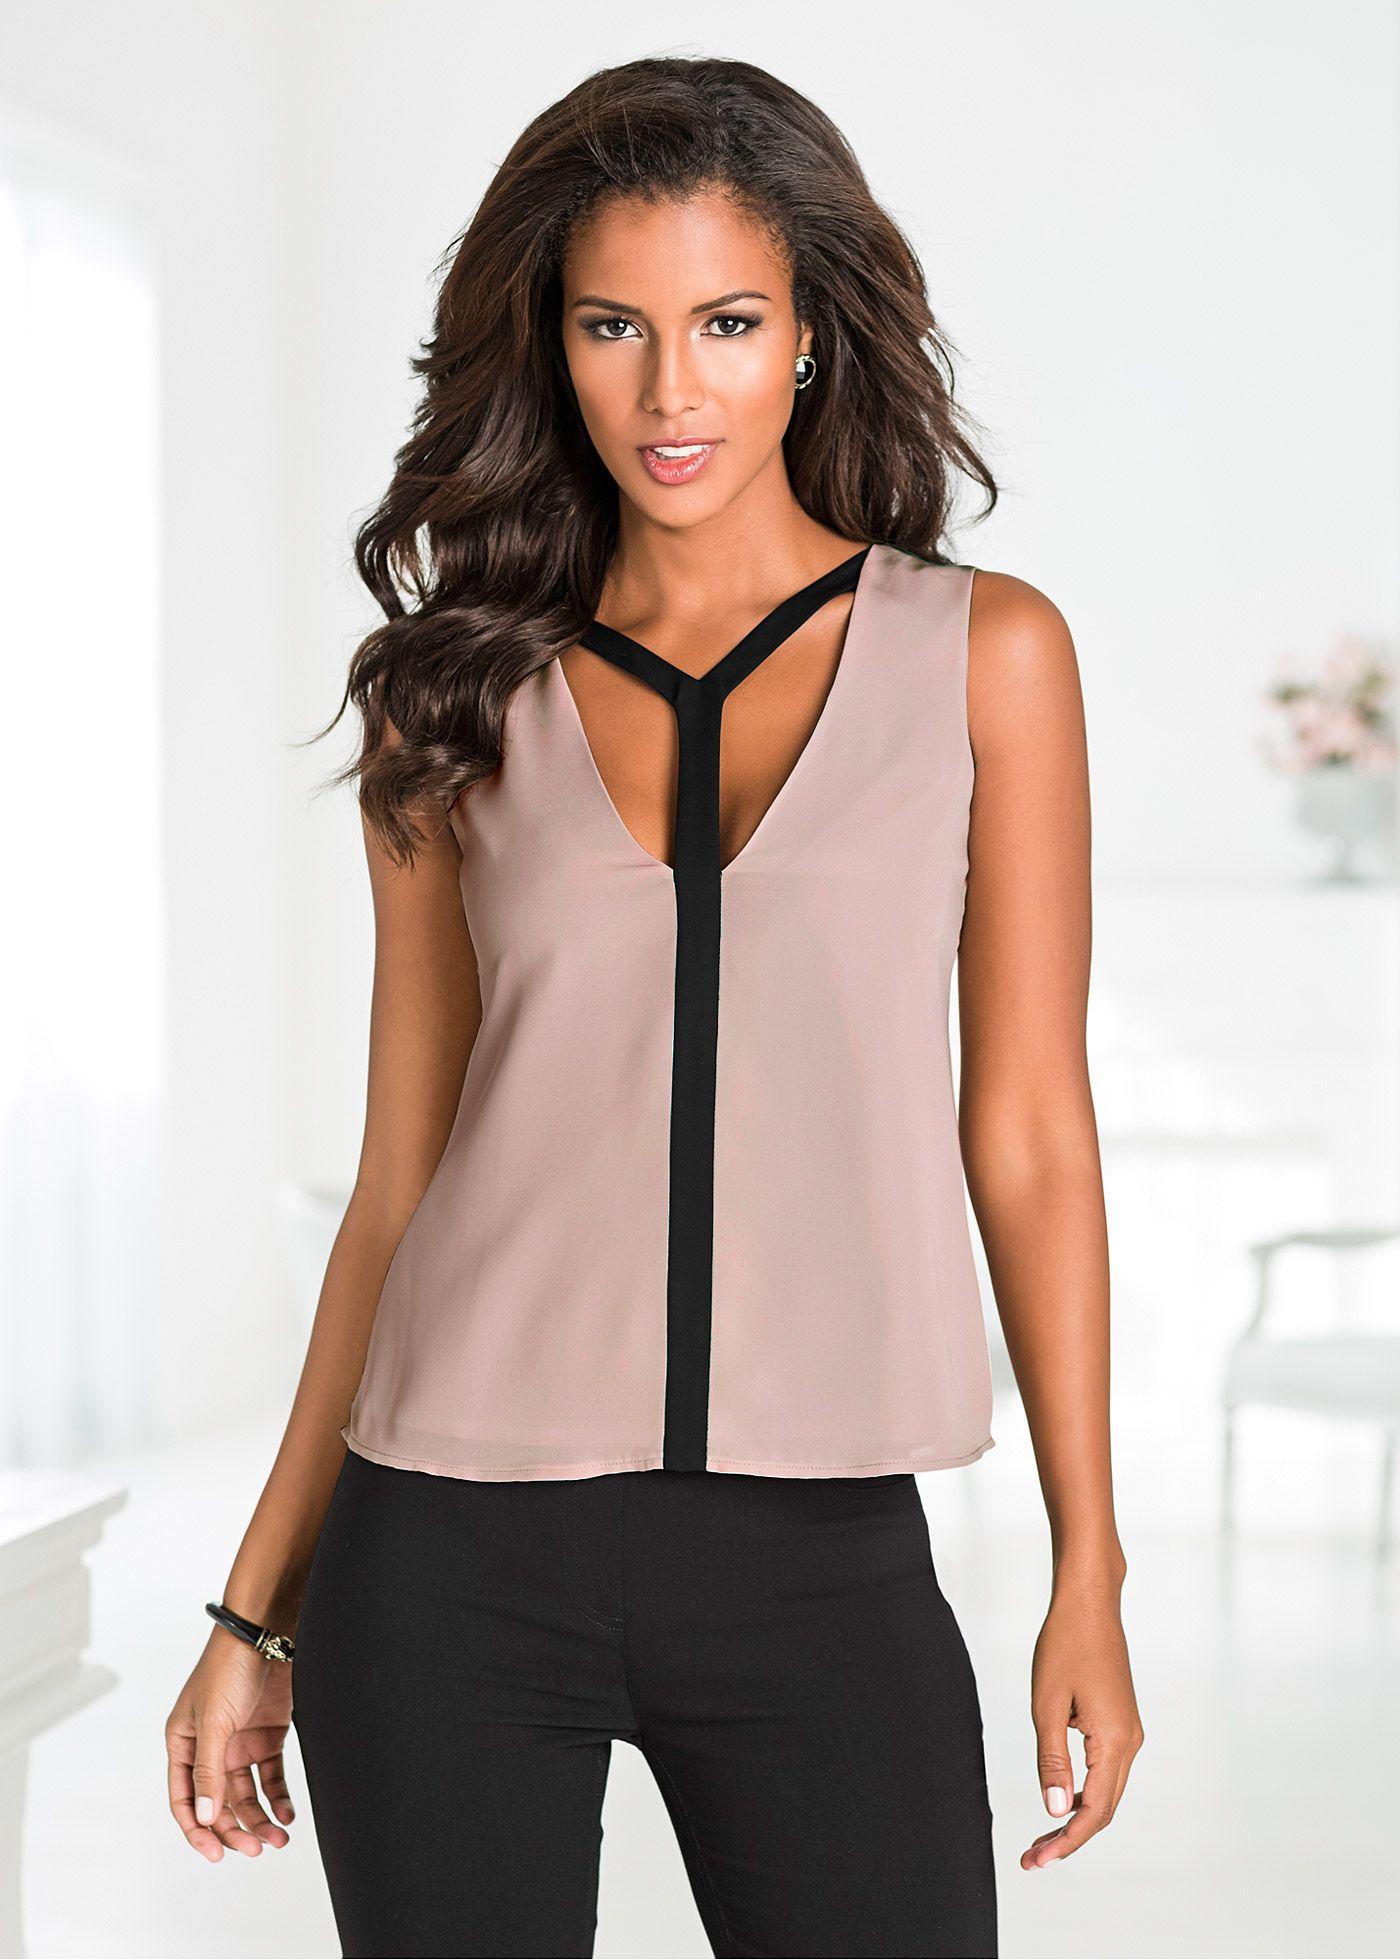 Blusa sem manga decote V bege encomendar agora na loja on-line bonprix.de  R  69 2e608d7399a